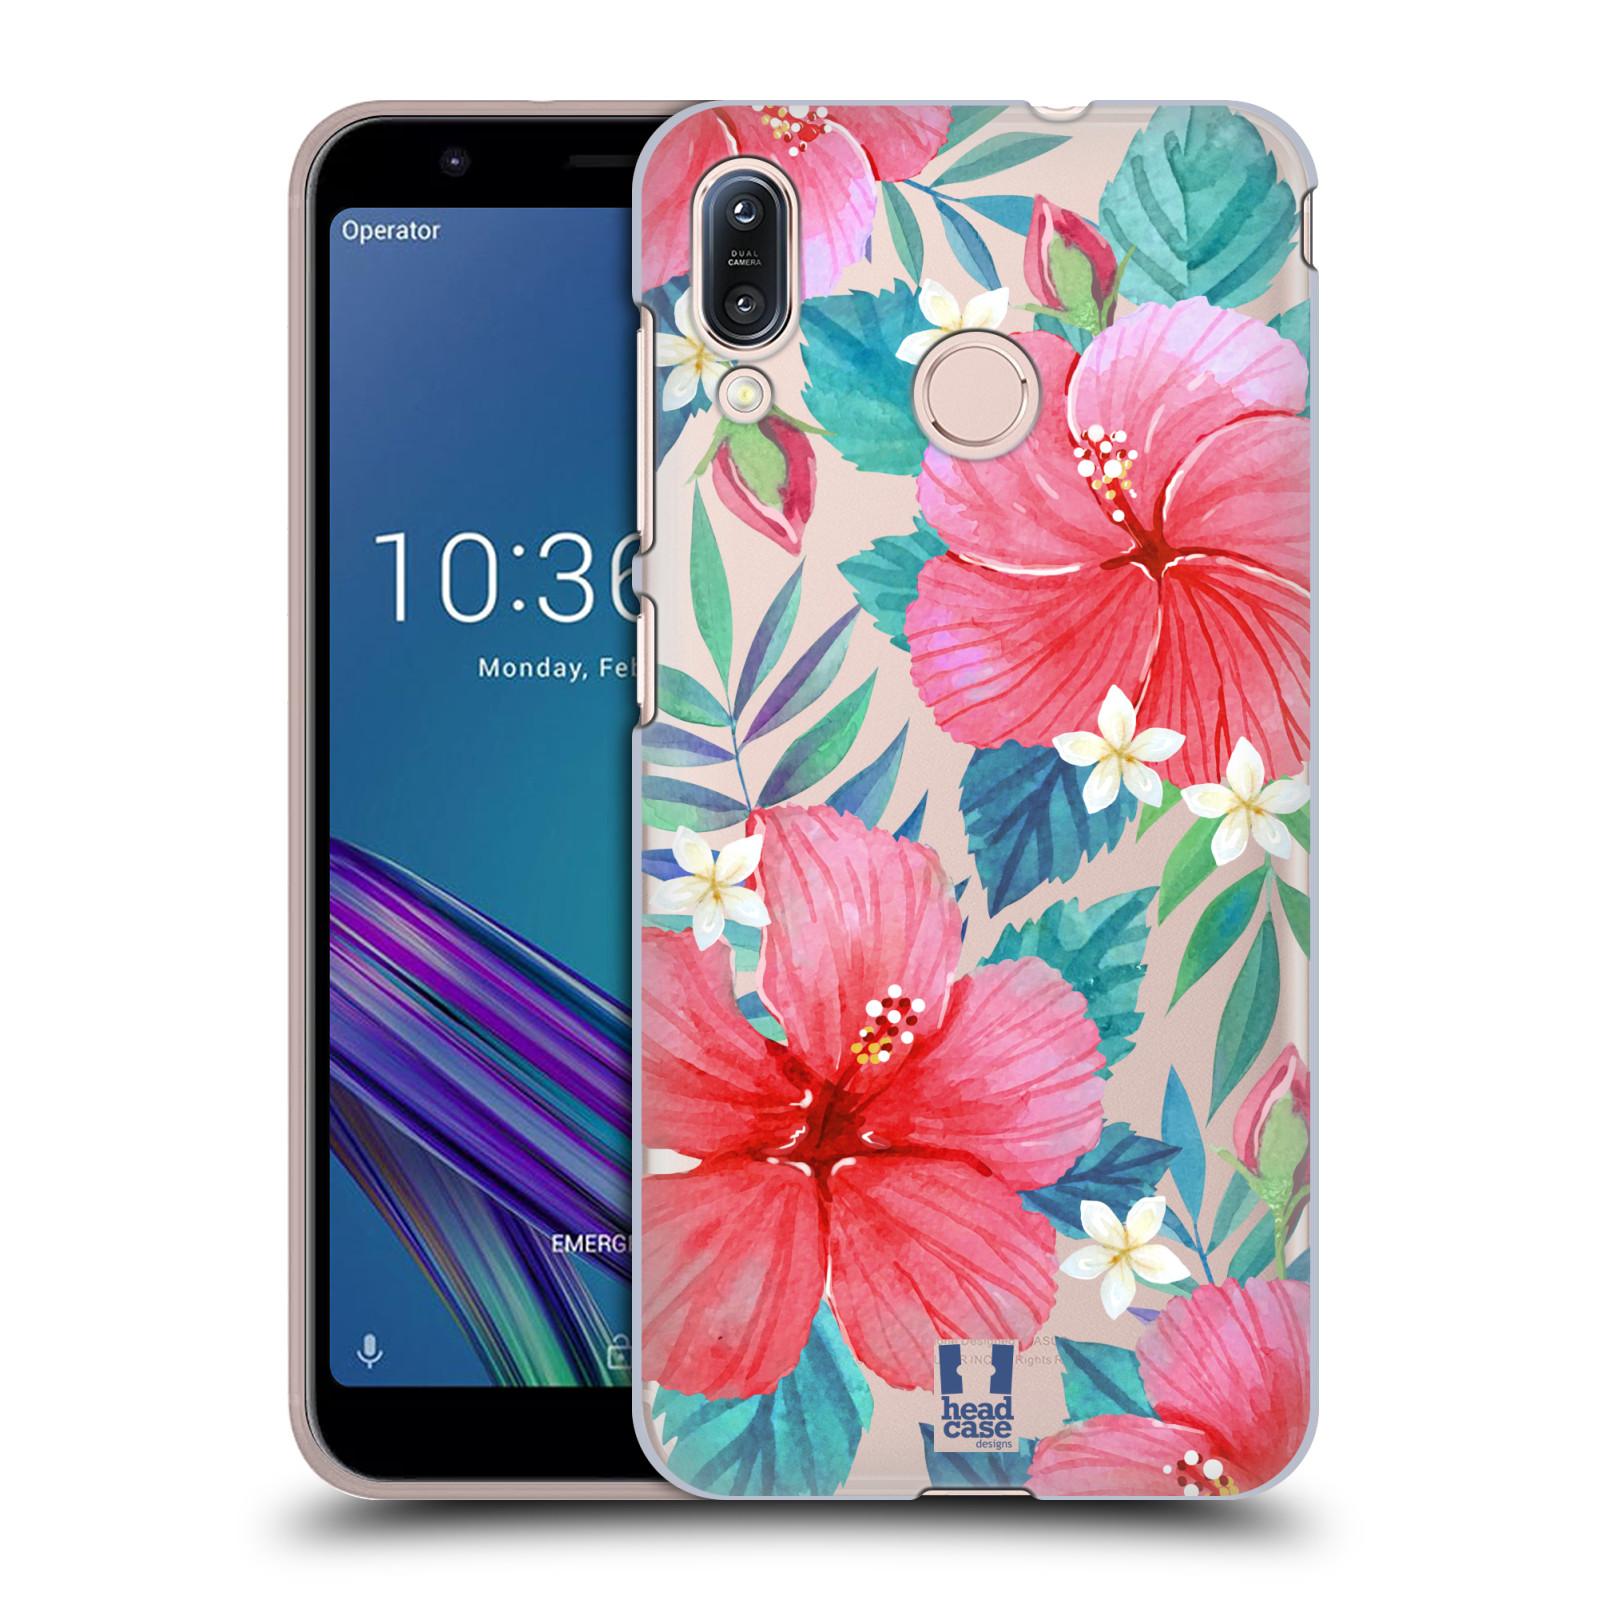 Pouzdro na mobil Asus Zenfone Max M1 (ZB555KL) - HEAD CASE - květinové vzory Ibišek čínská růže